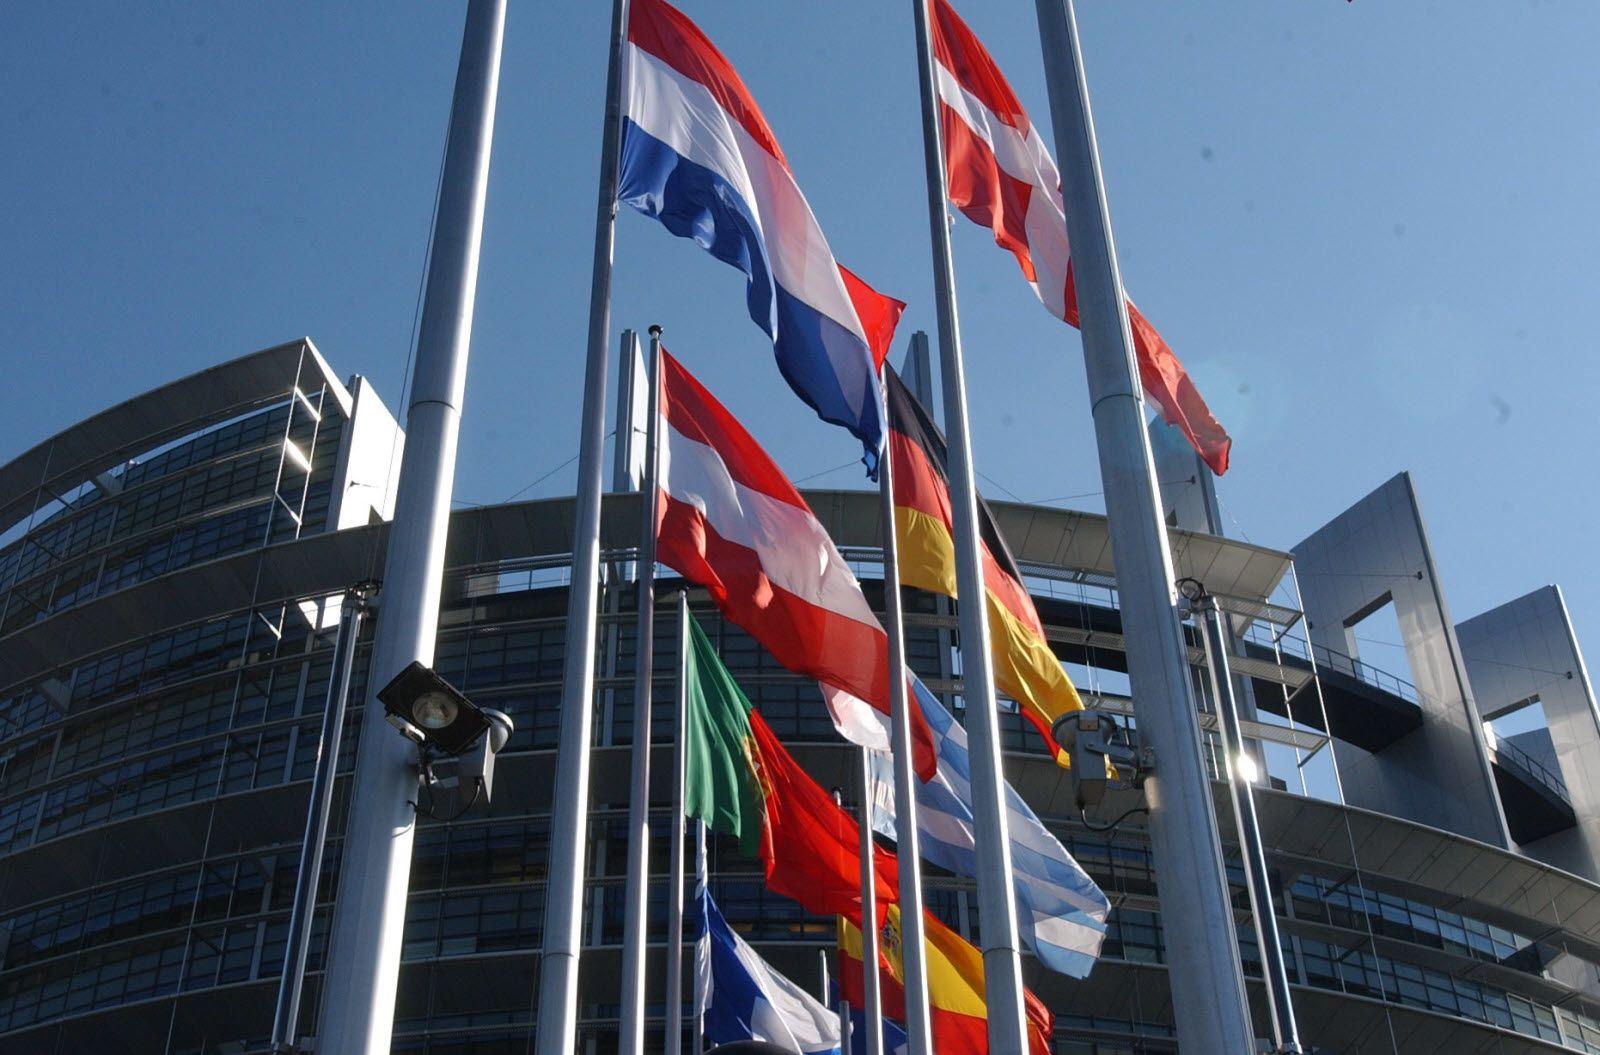 Politique. Siège du Parlement européen à Strasbourg : la crise